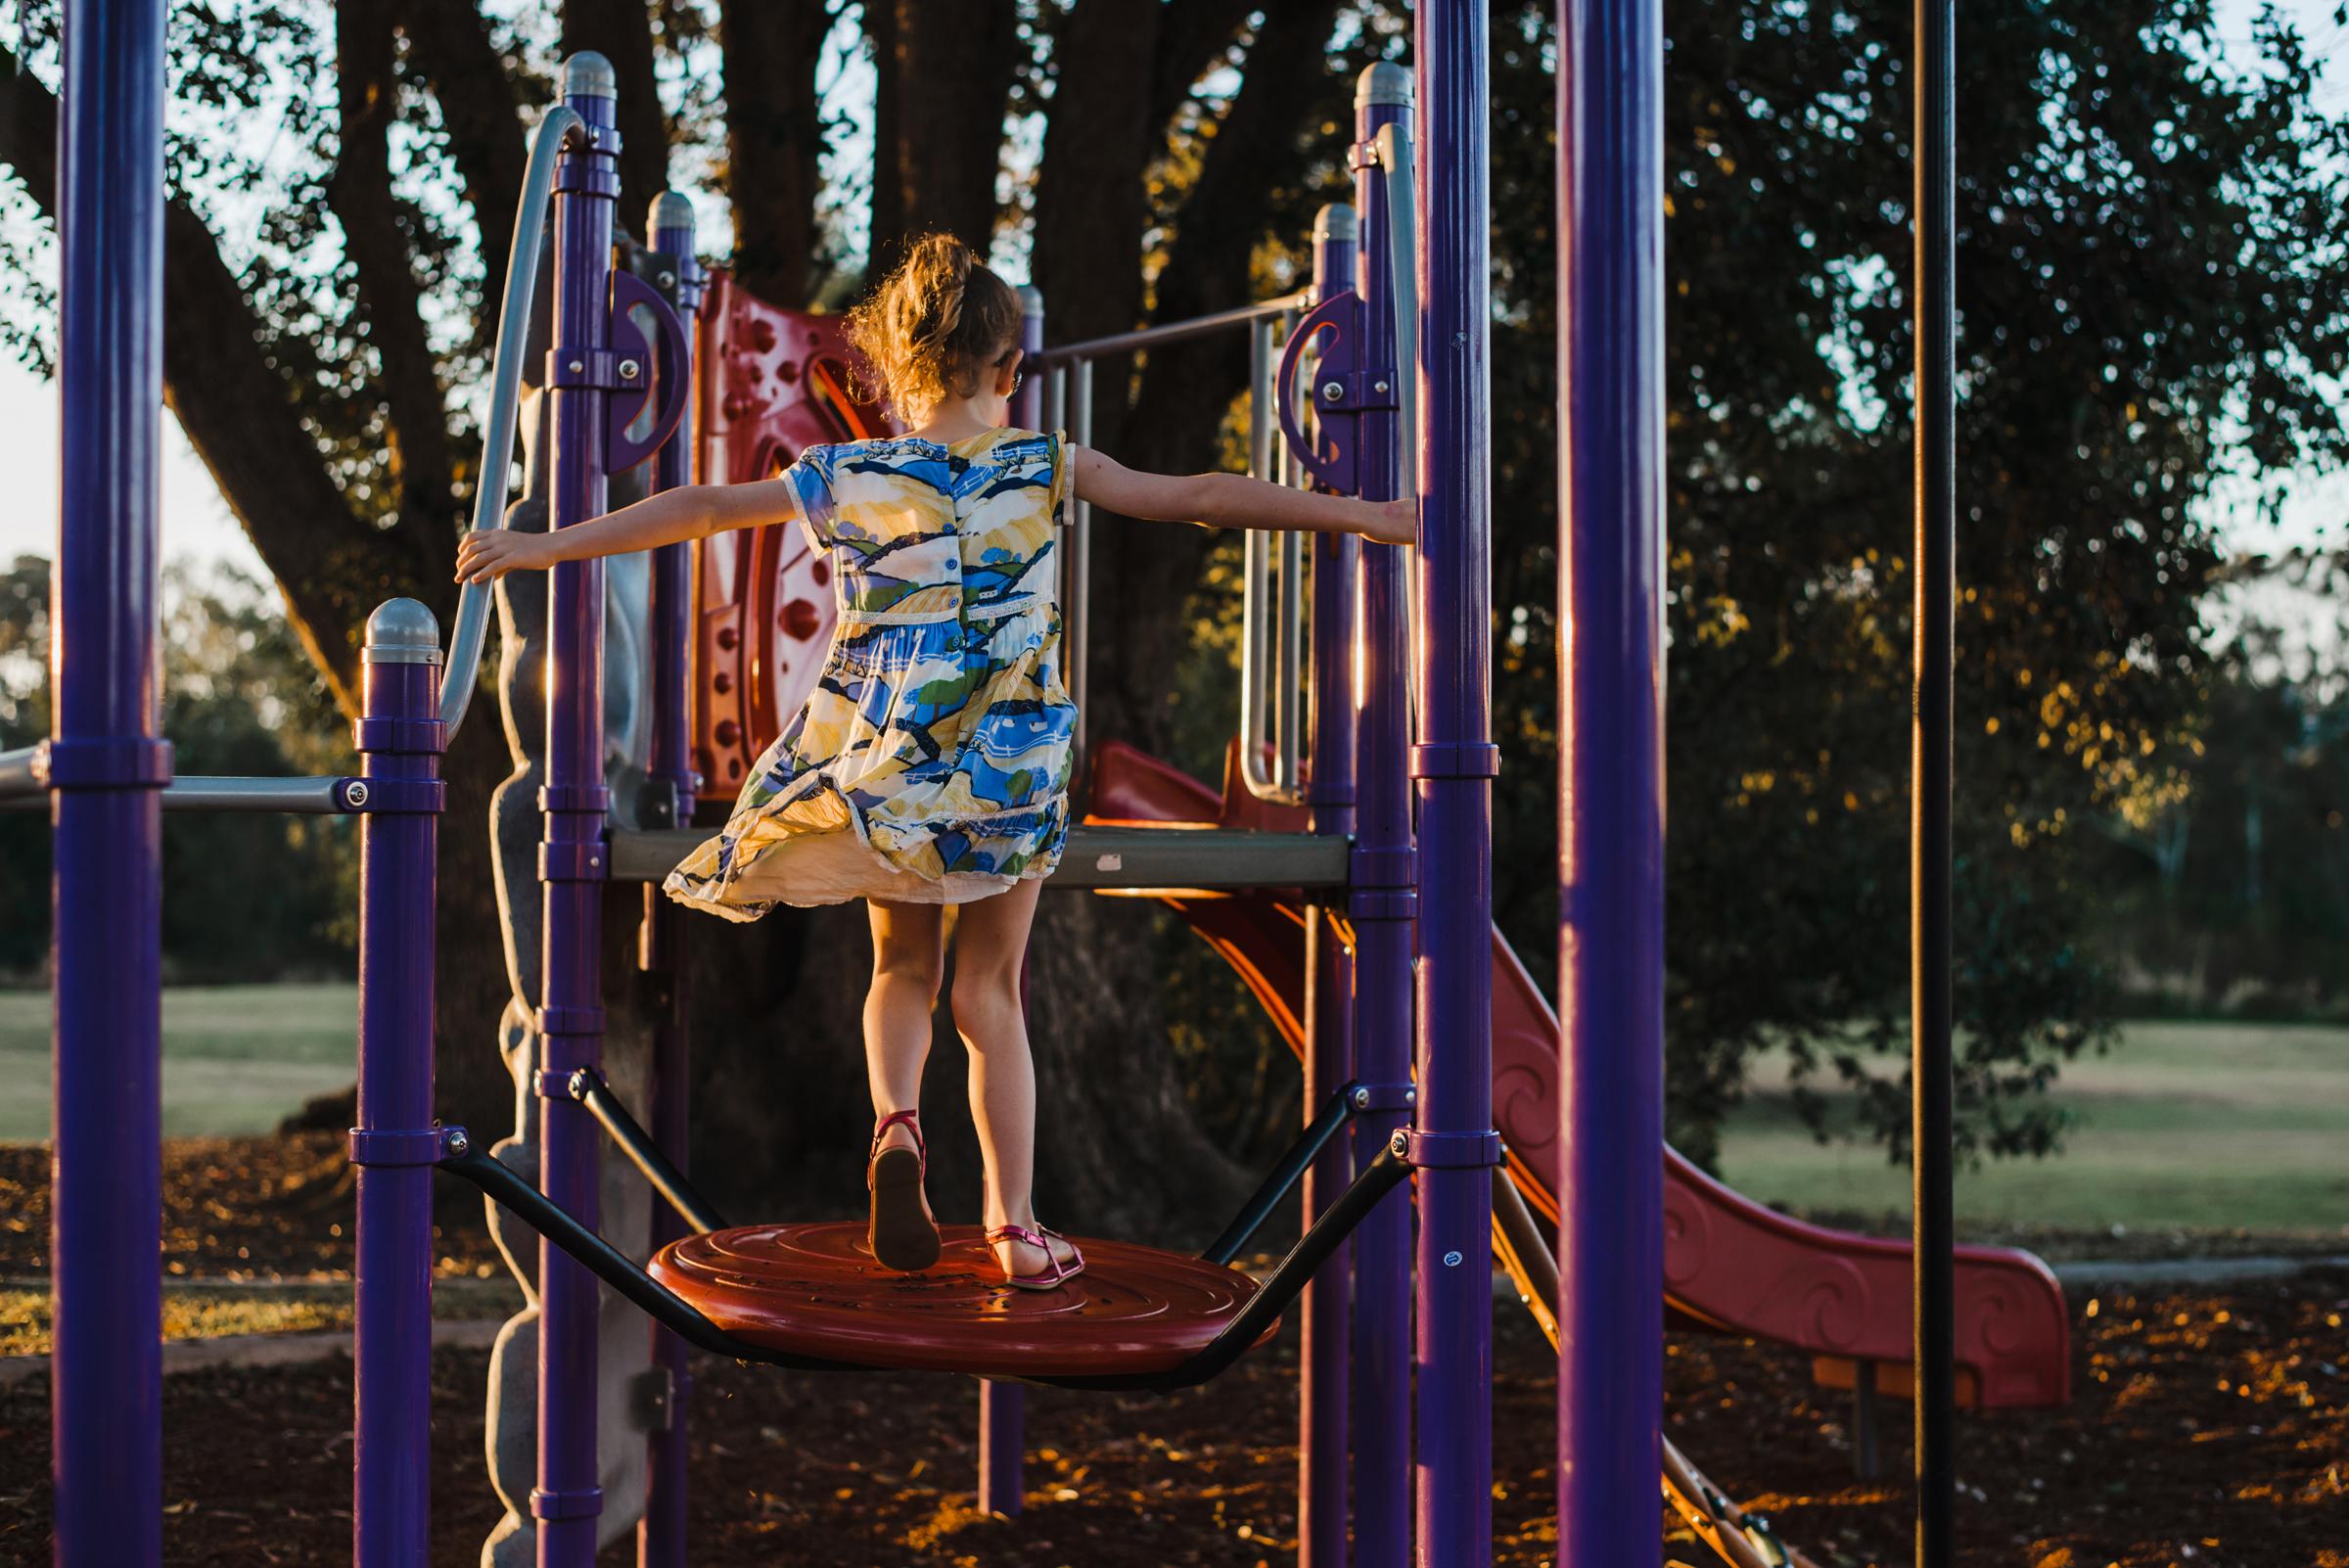 girl_on_play_equipment.jpg